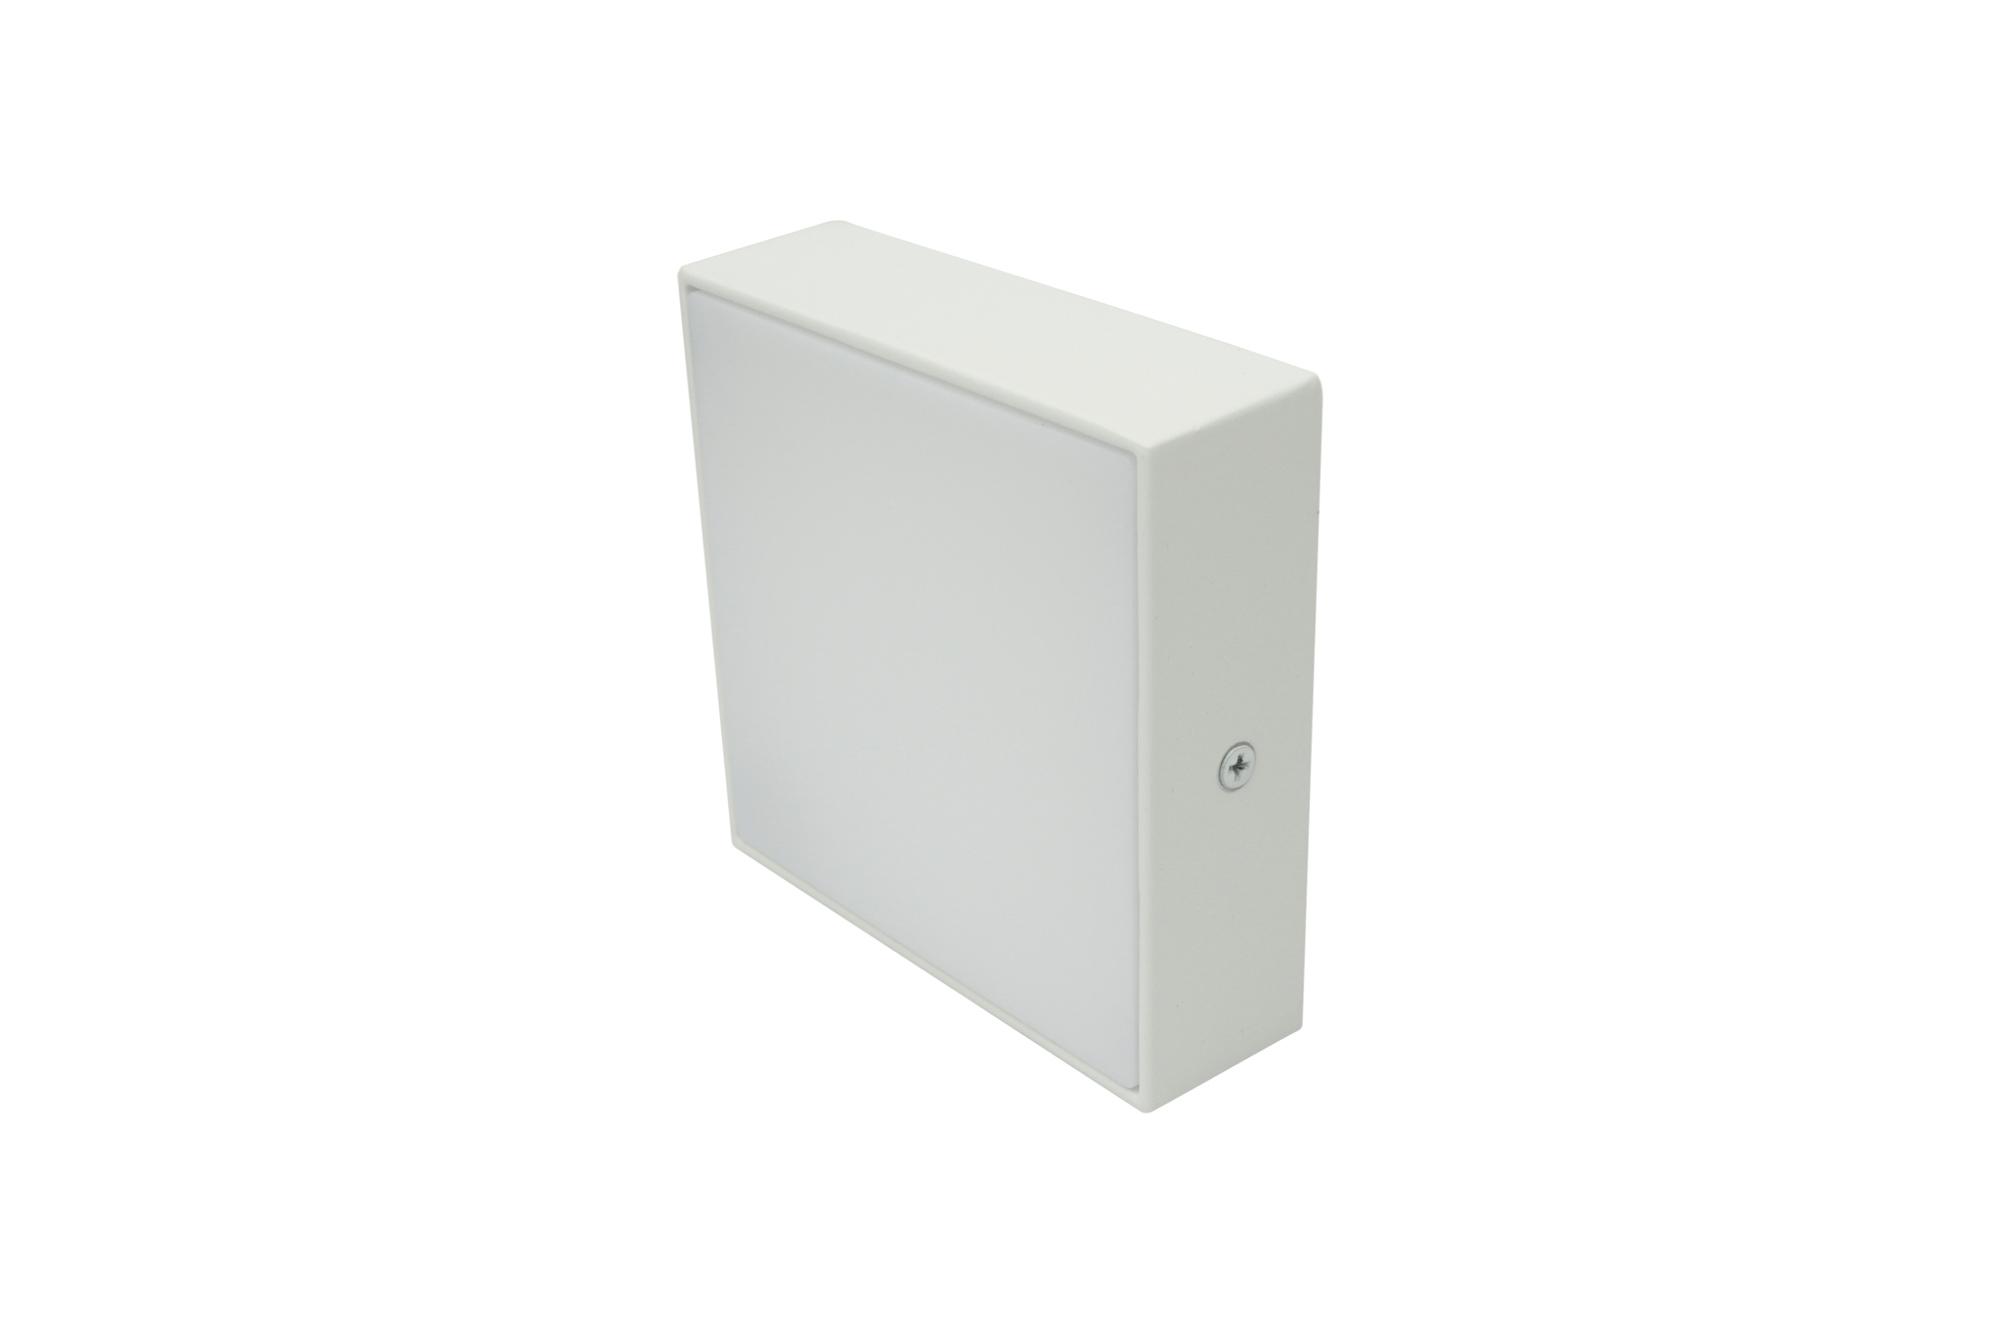 Lampenlux MINI-Savona Deckenleuchte weiß/schwarz LED Deckenlampe